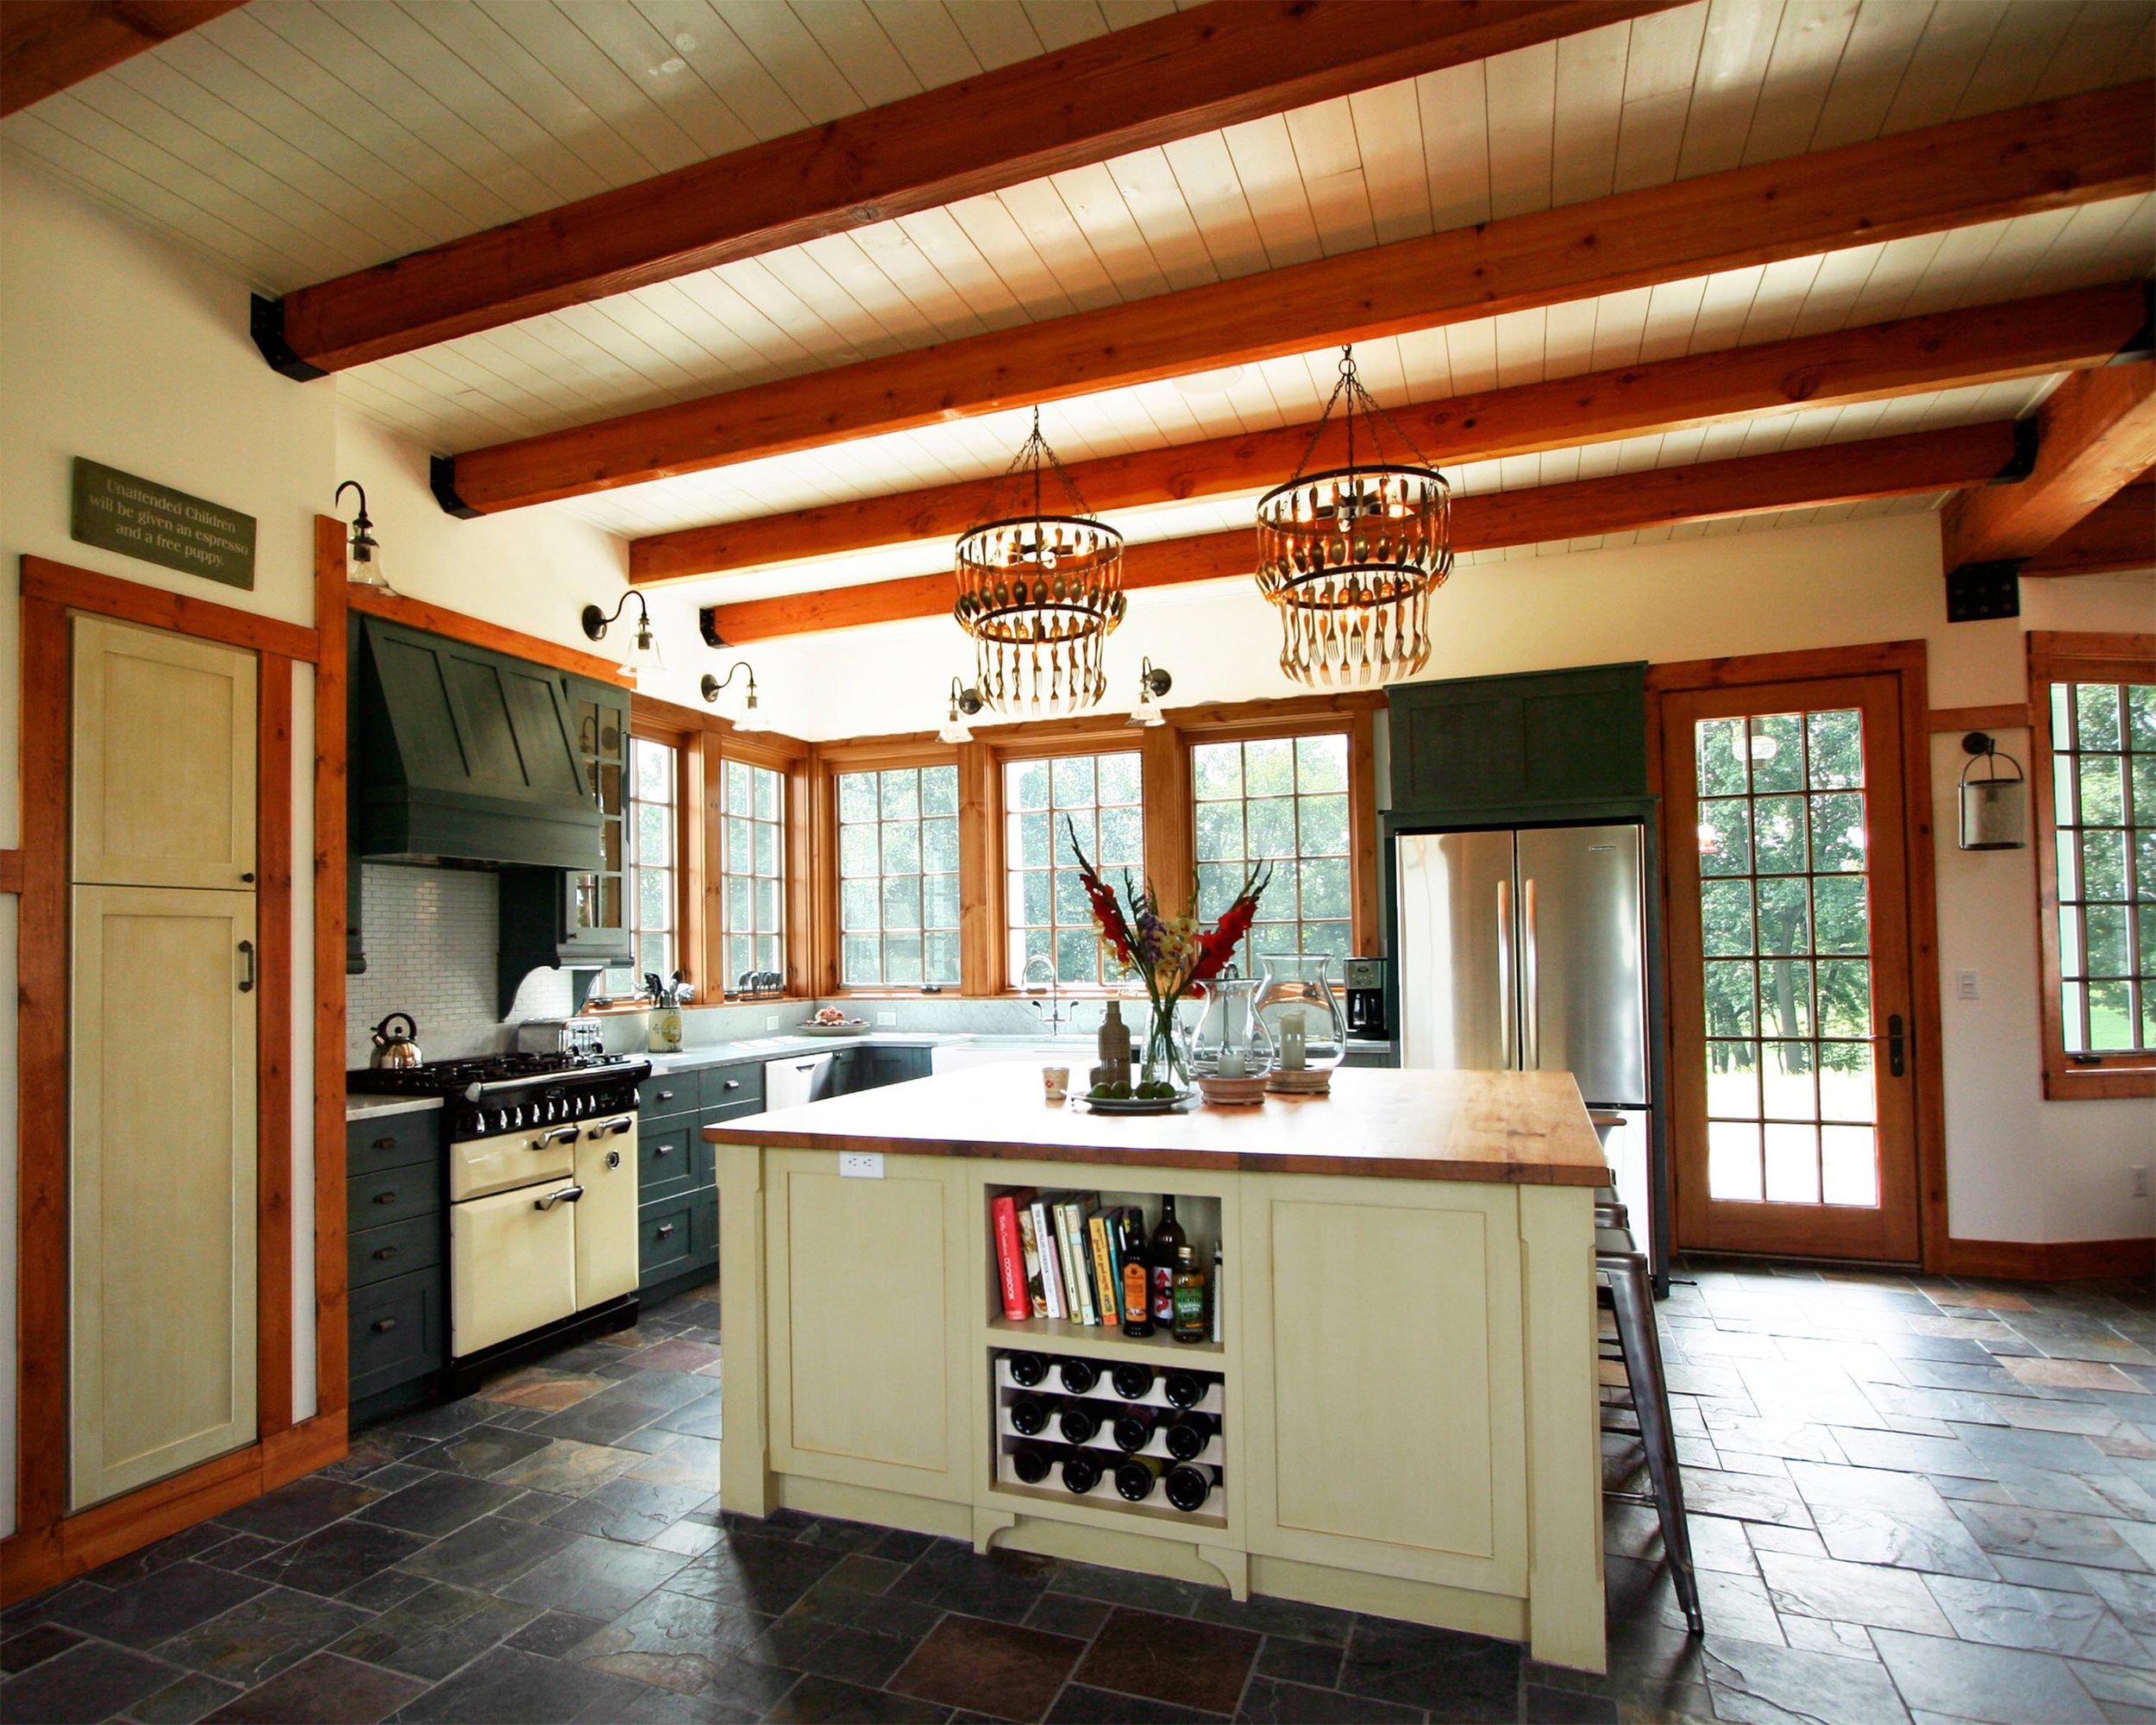 FireflyHill_Kitchen.jpg